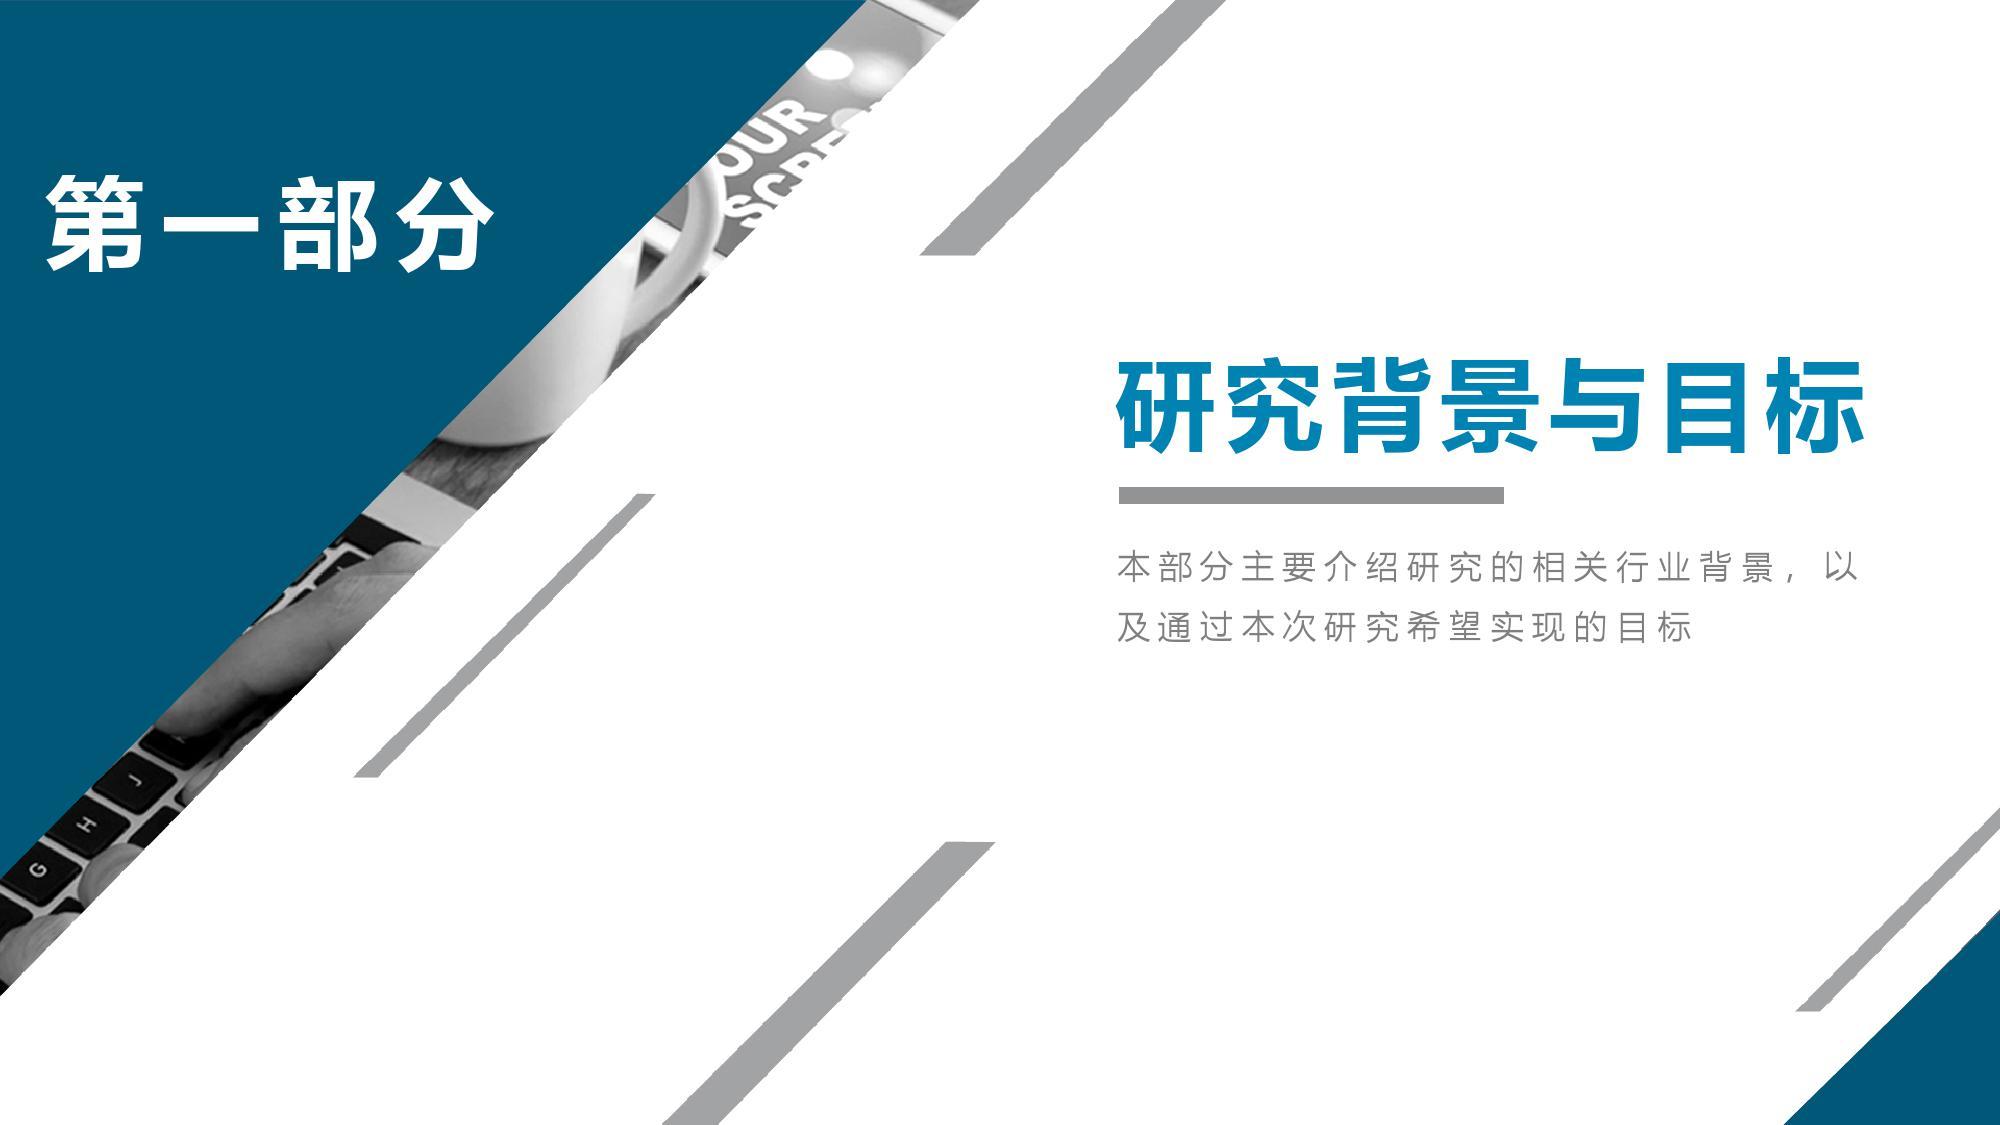 抖音 DTV 广告营销价值白皮书-CNMOAD 中文移动营销资讯 3